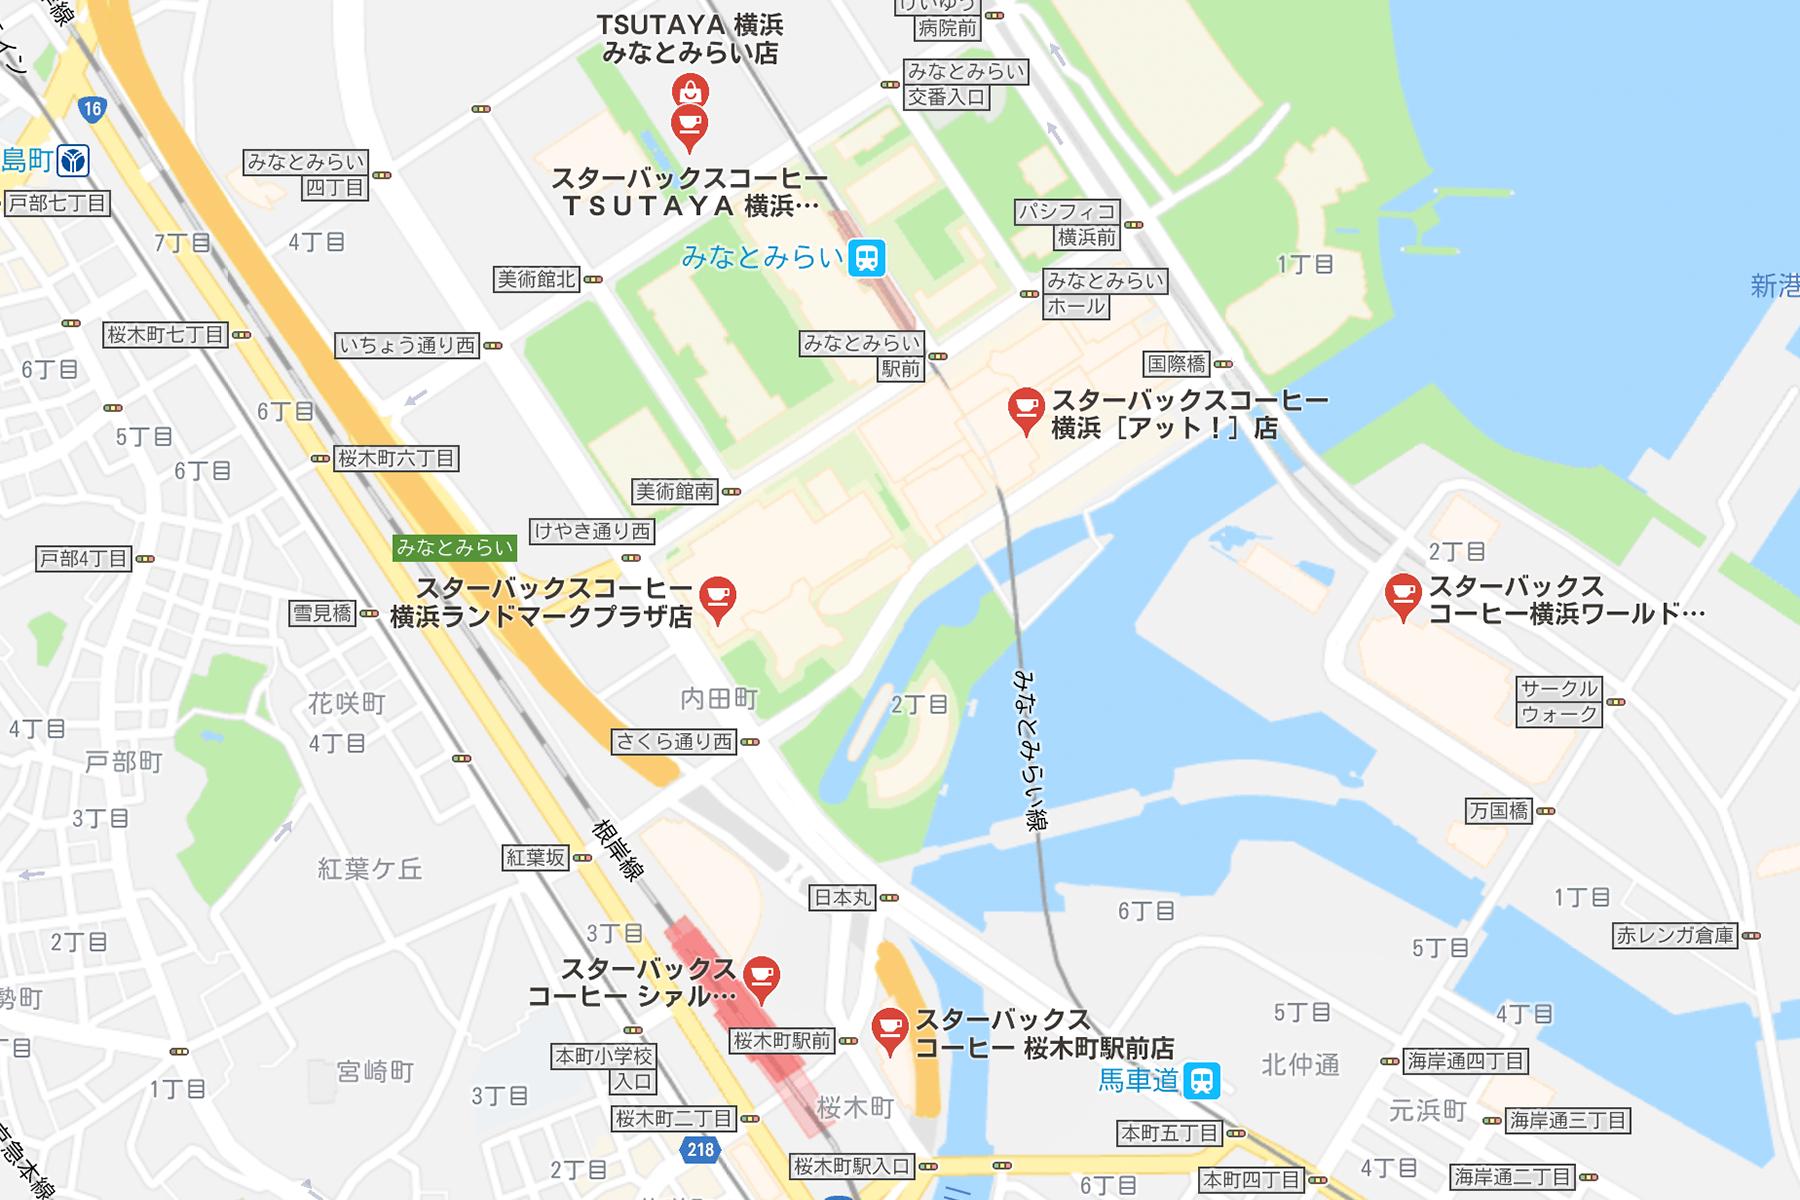 桜木町近辺スタバ激戦区マップ